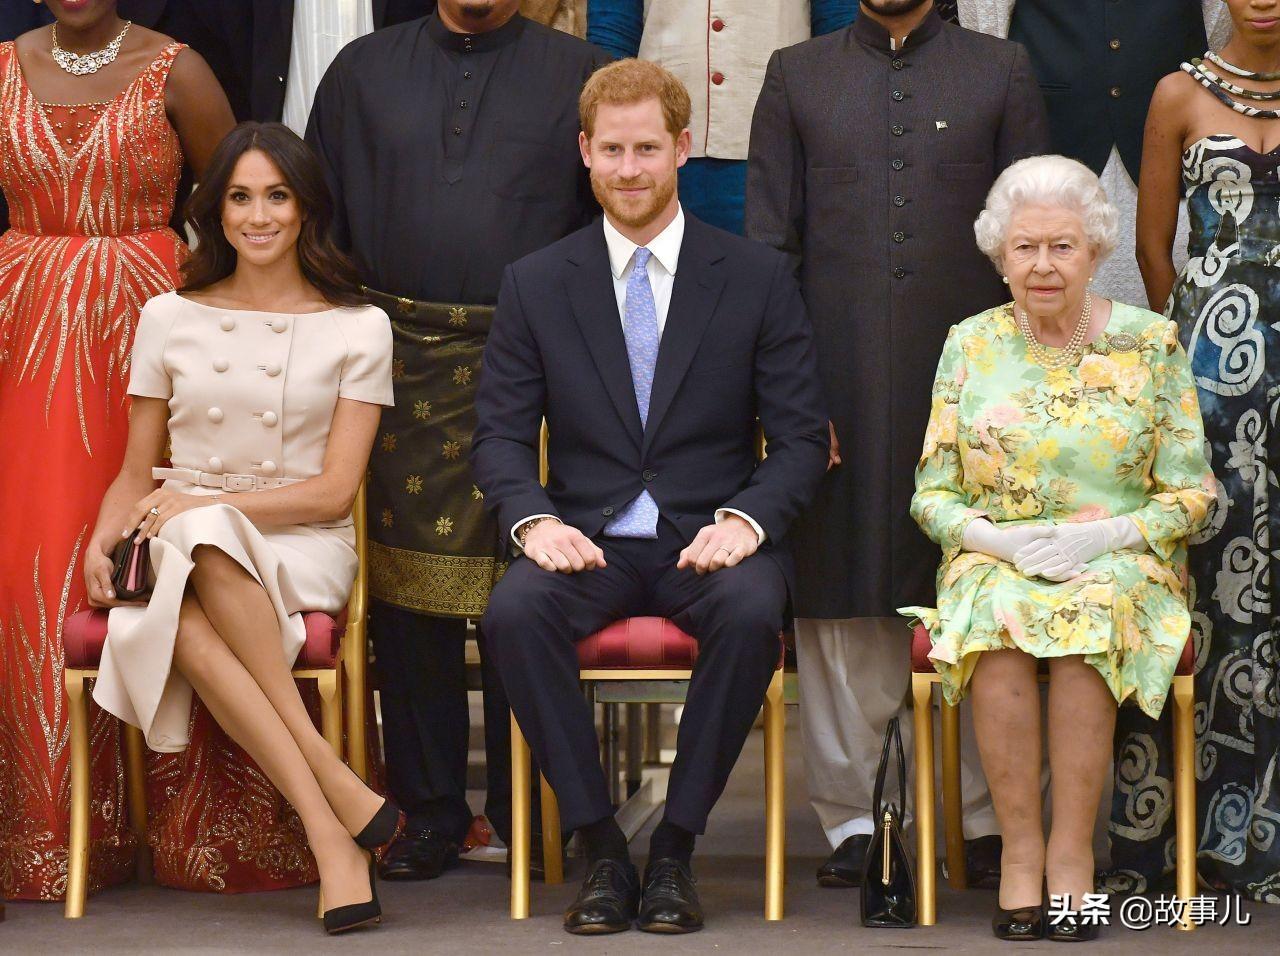 女王邀请哈里王子回家共进午餐,以缓和矛盾,但没有邀请梅根